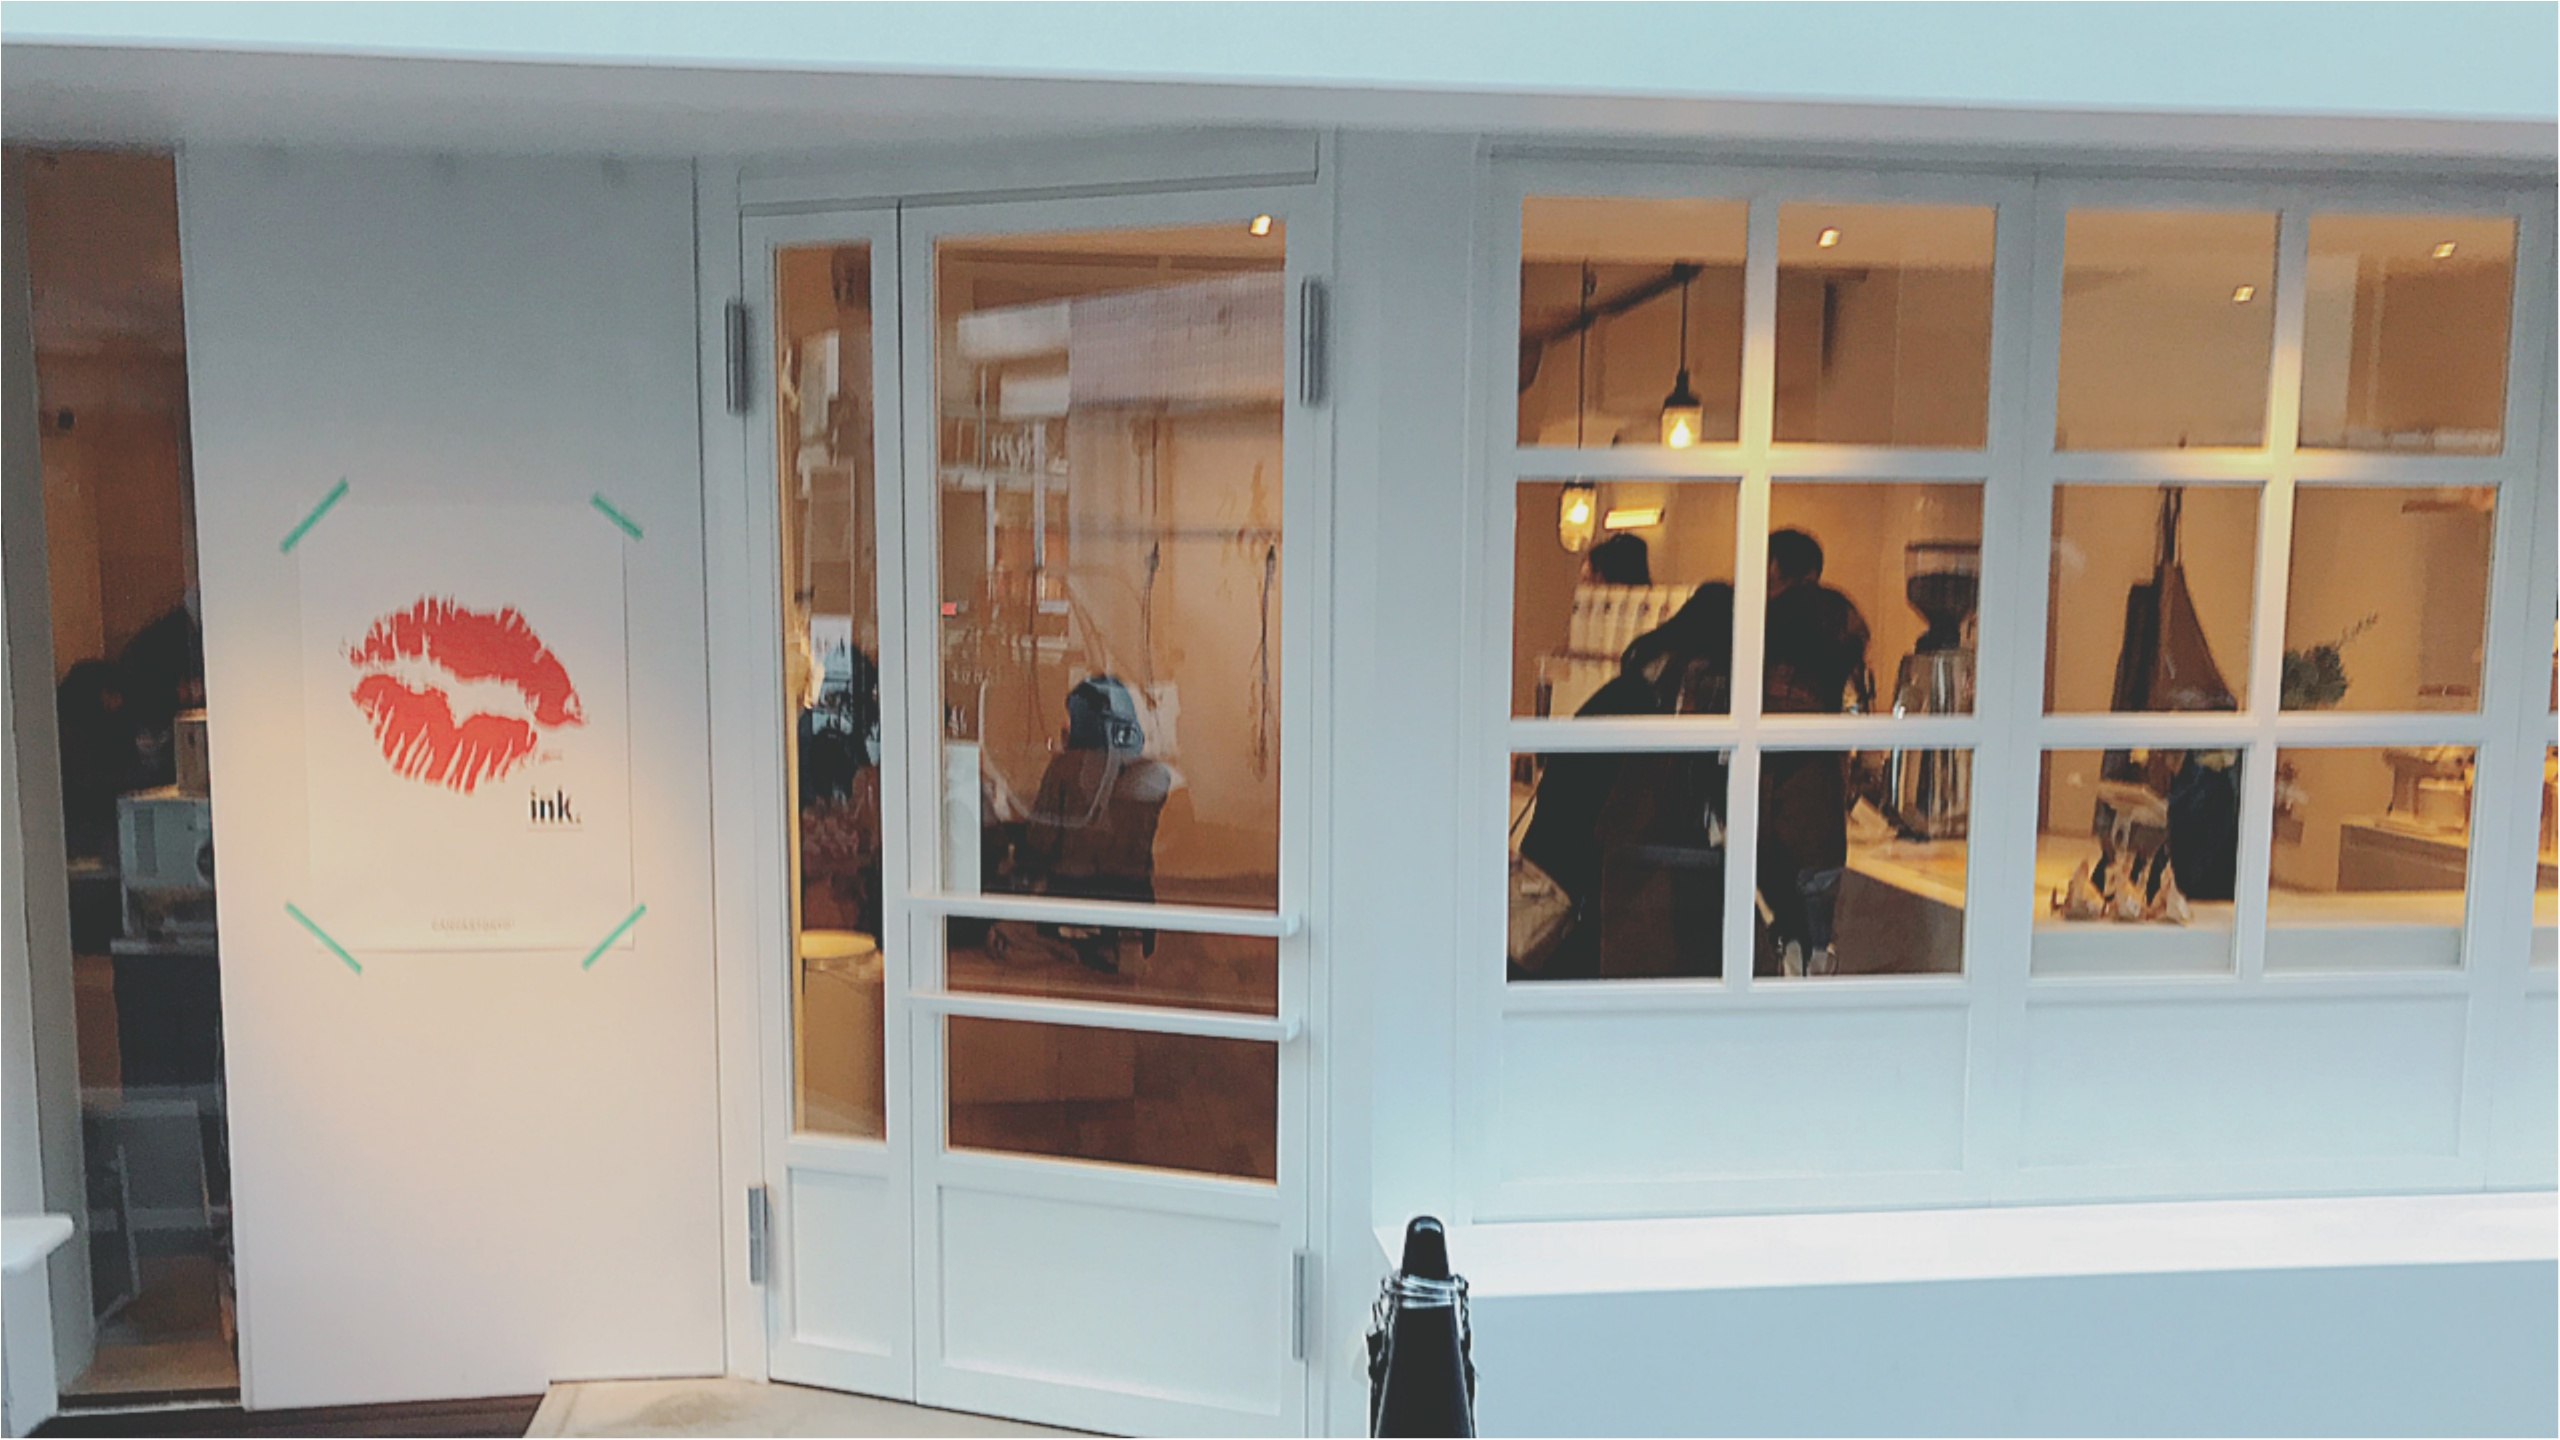 ★お洒落なリップが目印!代官山の『ink. by CANVAS TOKYO』のカラフルラテに一目惚れ★_1